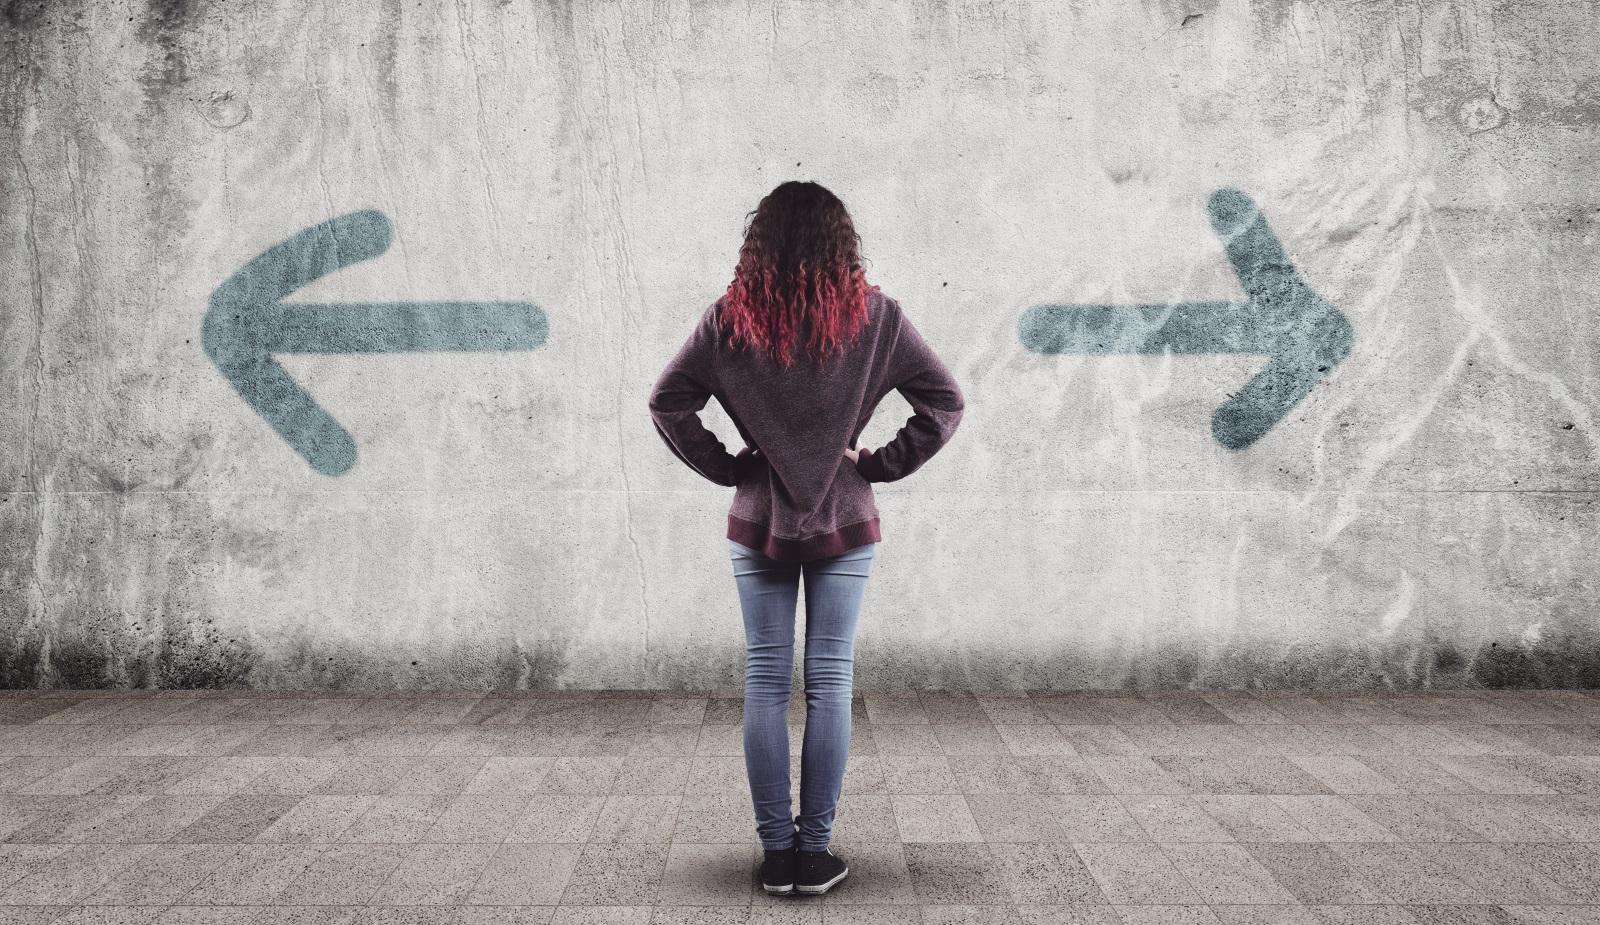 3. Третият кризисен период (от 18 до 22 години) е свързан с търсенето на своето място под слънцето.За удачно преминаване през тази криза свидетелства умението спокойно и с пълна отговорност да се приеме собствената личност такава, каквато е, с всички недостатъци и достойнства, знаейки, че най-важна е собствената индивидуалност.